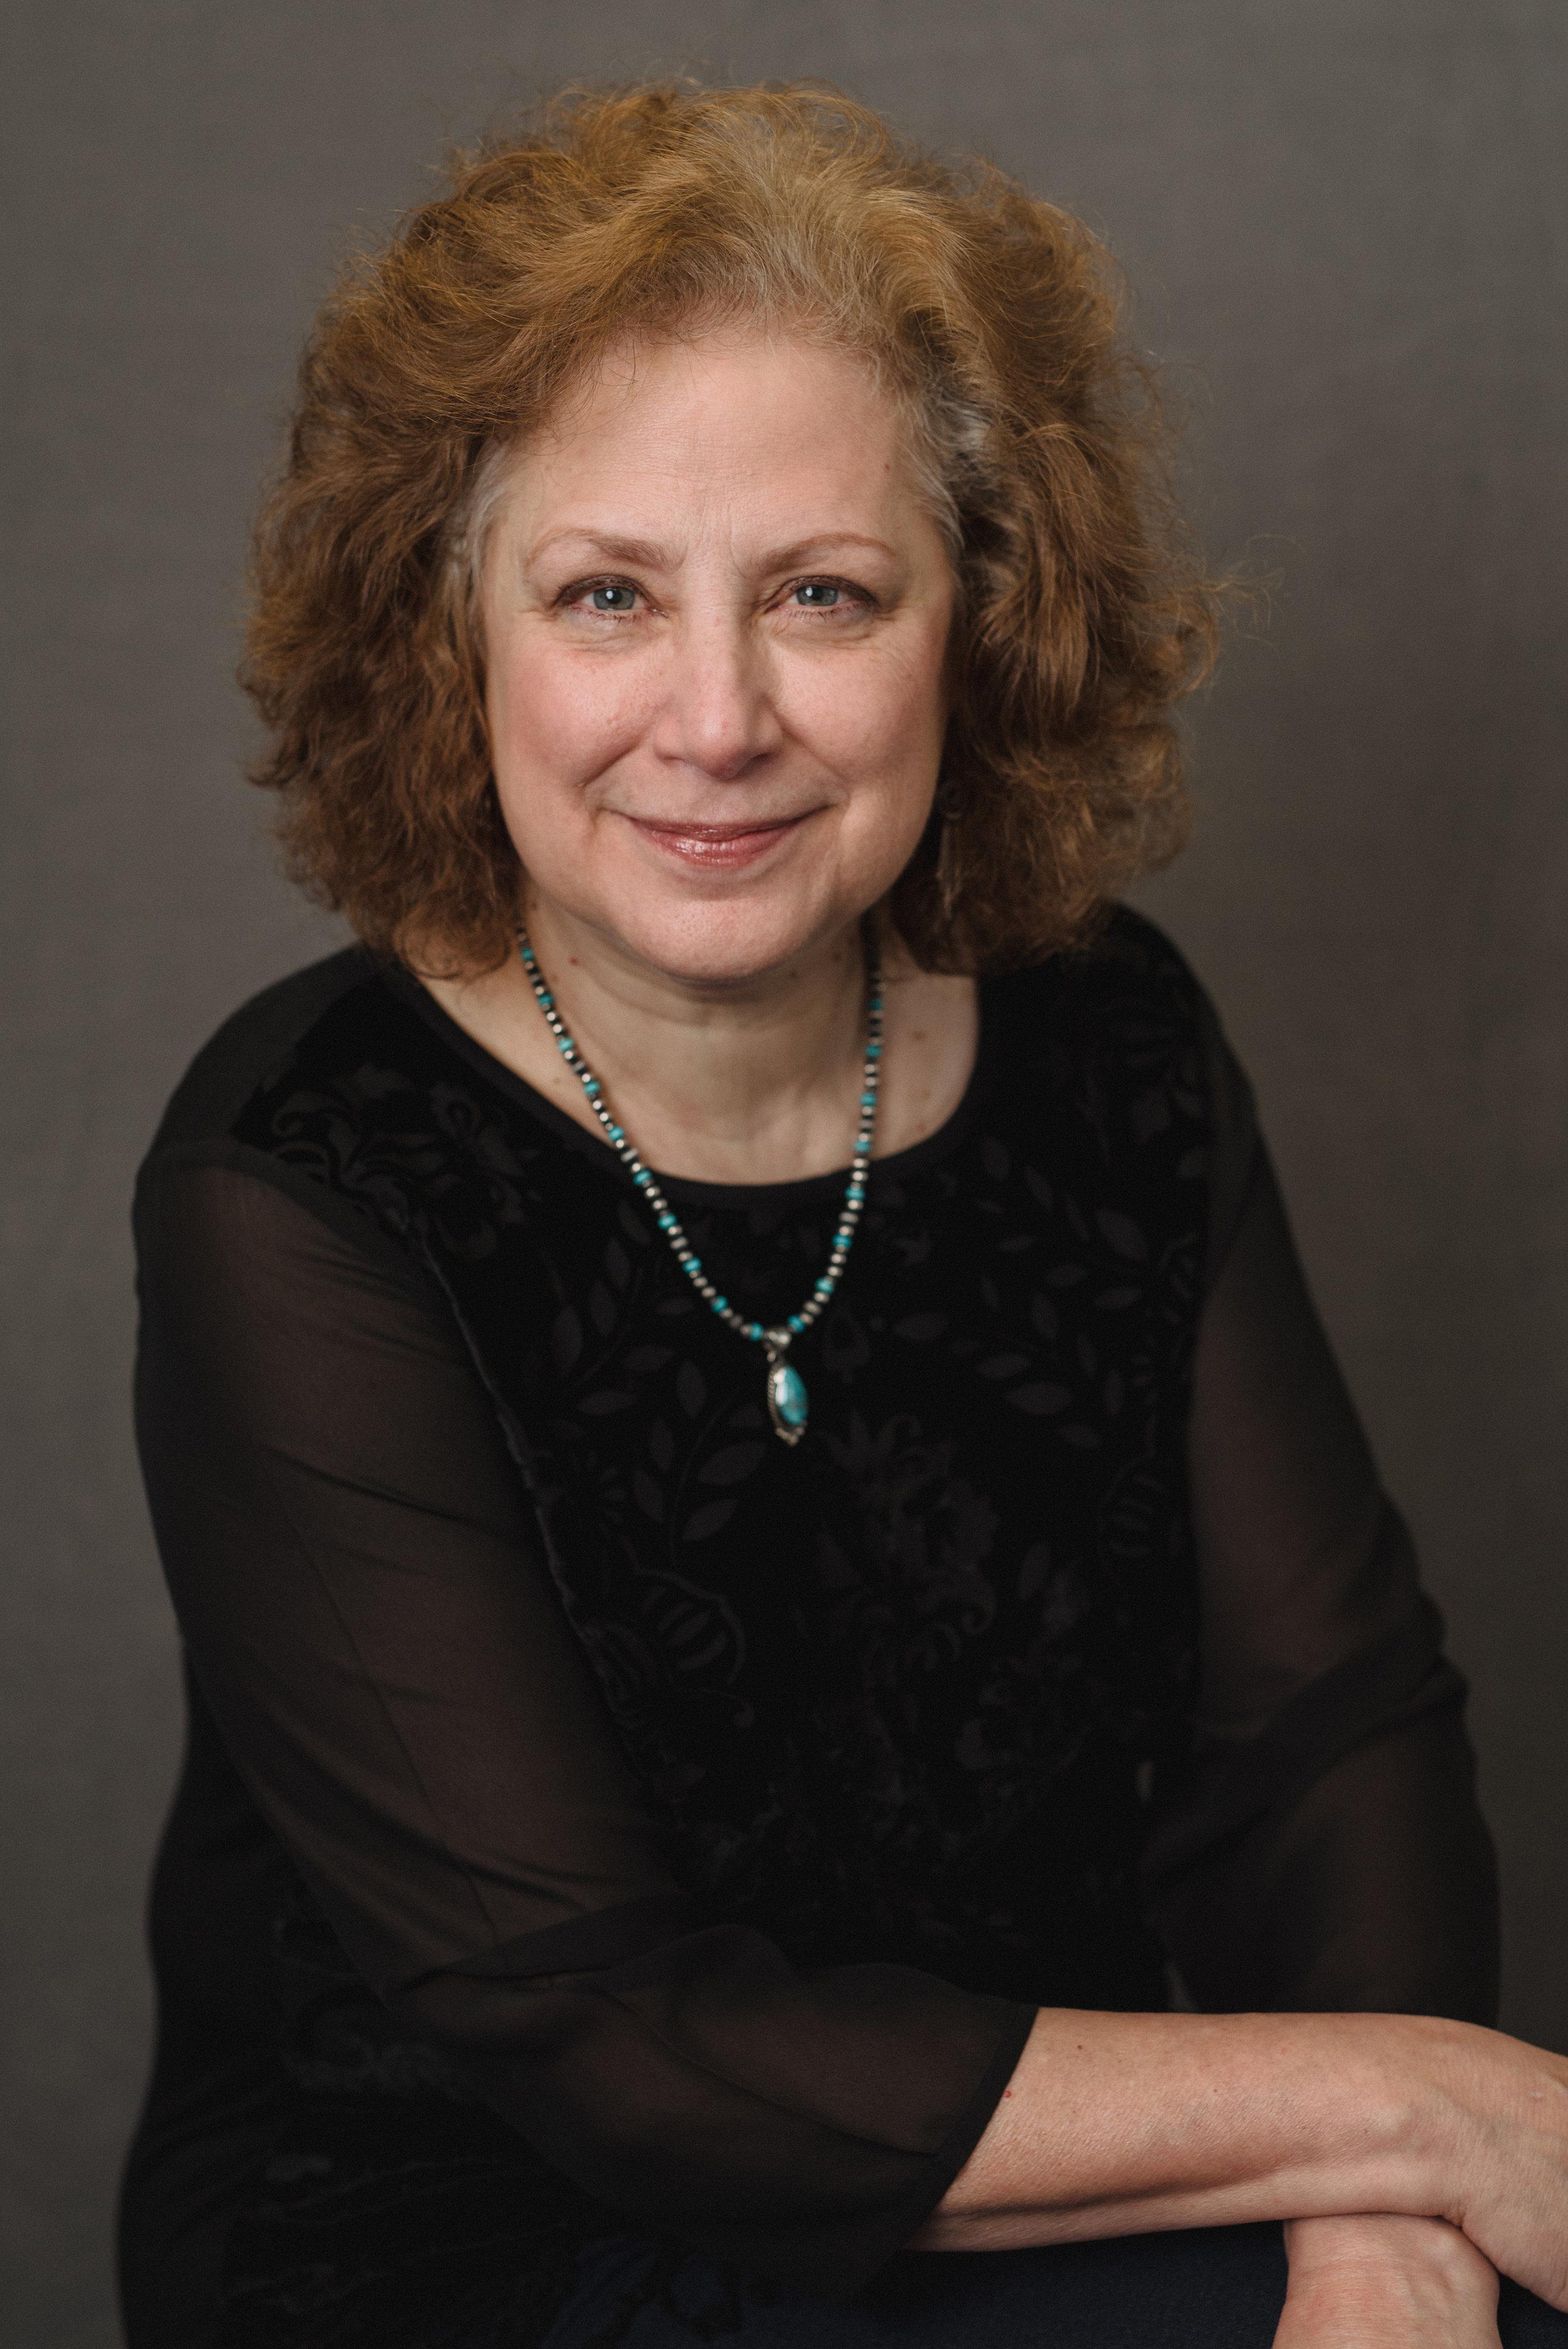 Dr. Amy Shulkin, Ph.D.